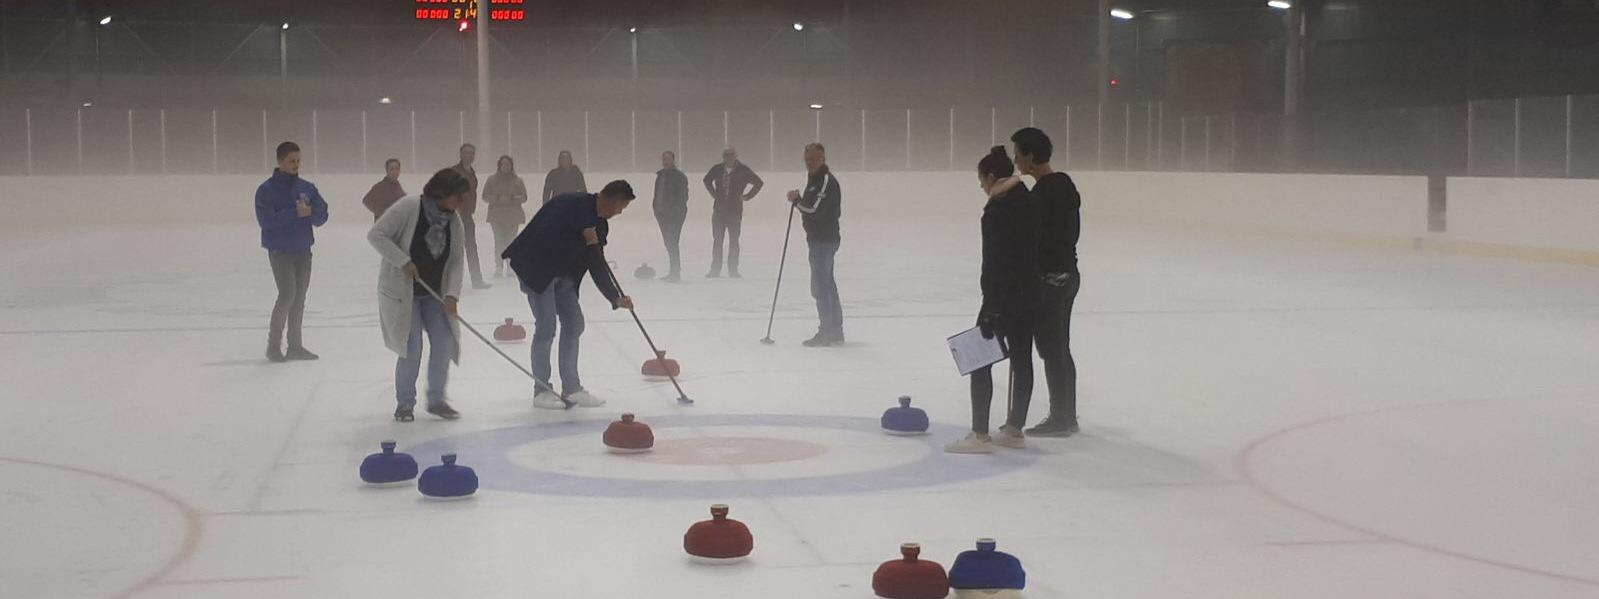 eindhoven-bedrijfsuitje-ijsbaan-funcurling